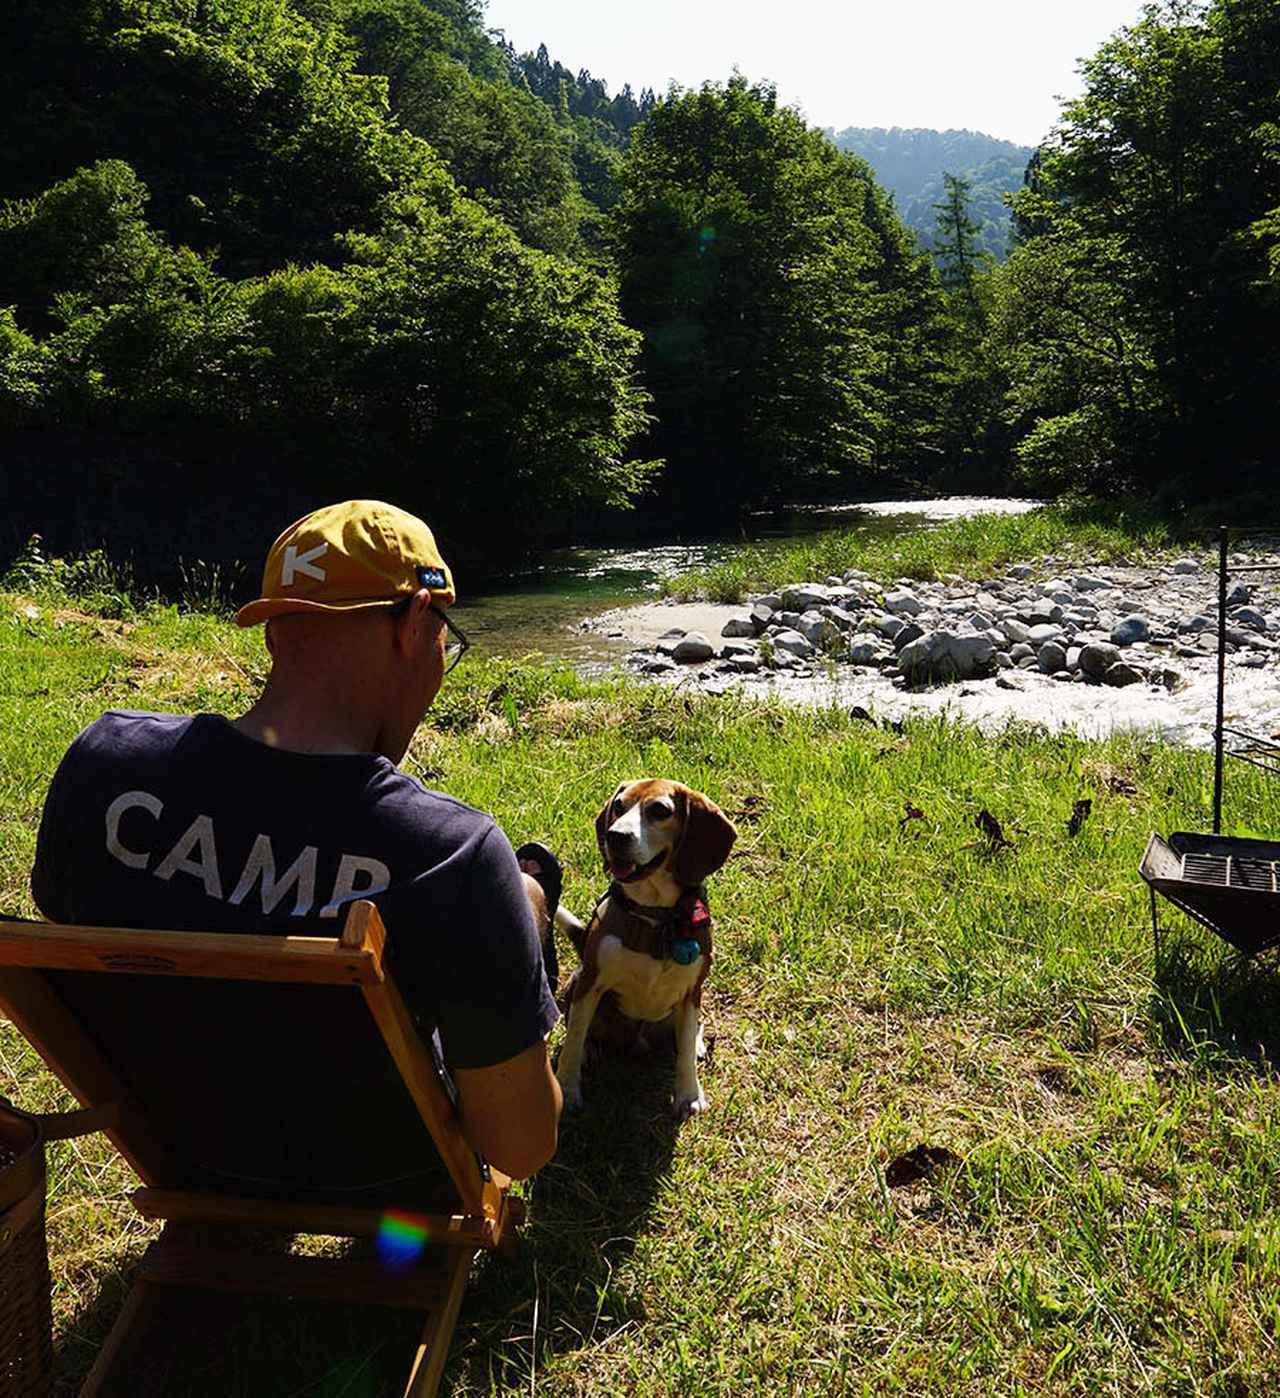 画像: Instagram @elvis_works さん 秋田県とその近県のキャンプ場によく出没しているというelvis_worksさん。暑い夏の季節のキャンプは、愛犬と海、川、湖で水遊びを楽しんでいる。キャンプ歴約25年のベテランキャンパーだ。